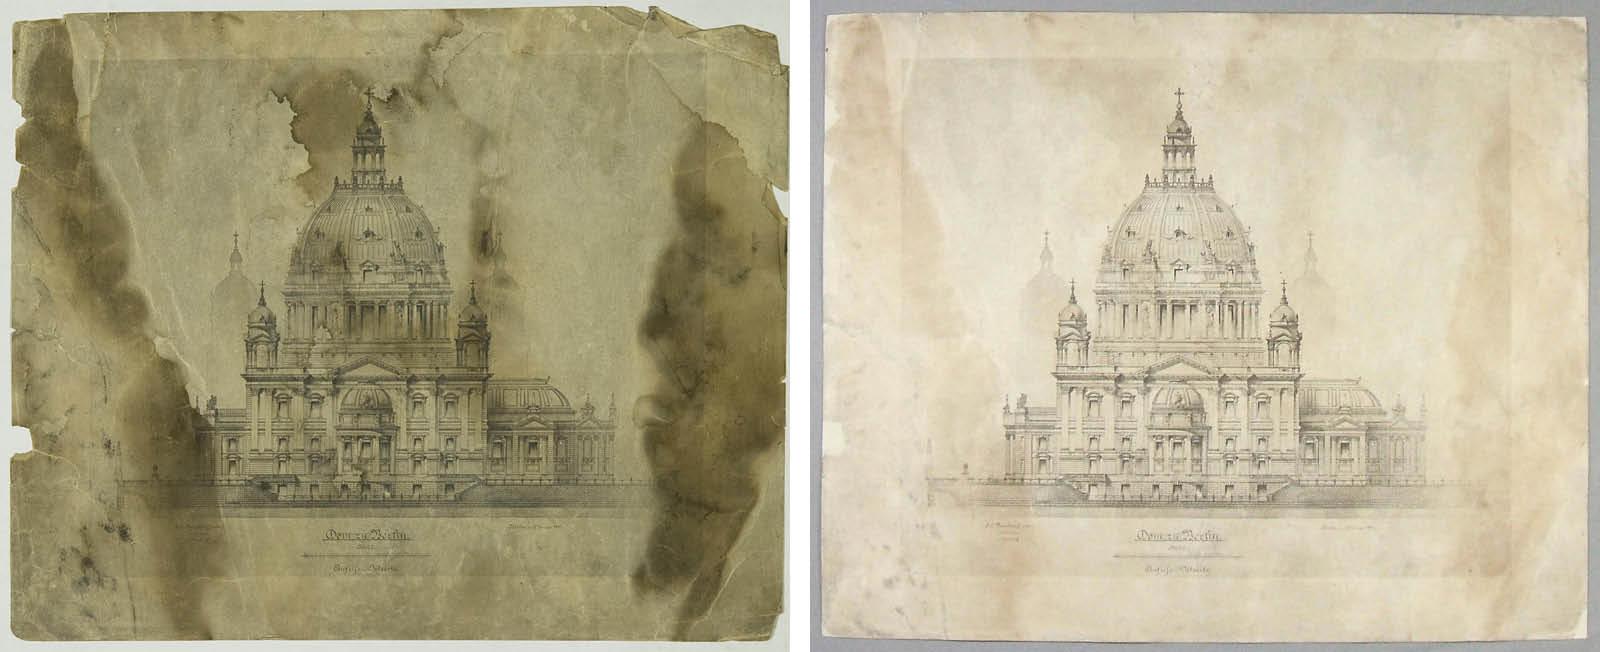 Vor und nach der Restaurierung (Fotos: Holger Herschel/ Silke Schröder)